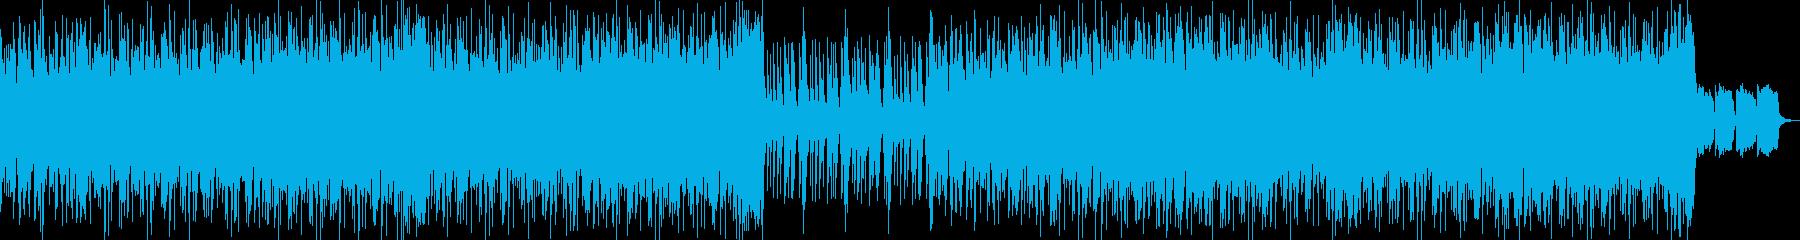 エンディング感あるお洒落バンドJpopの再生済みの波形